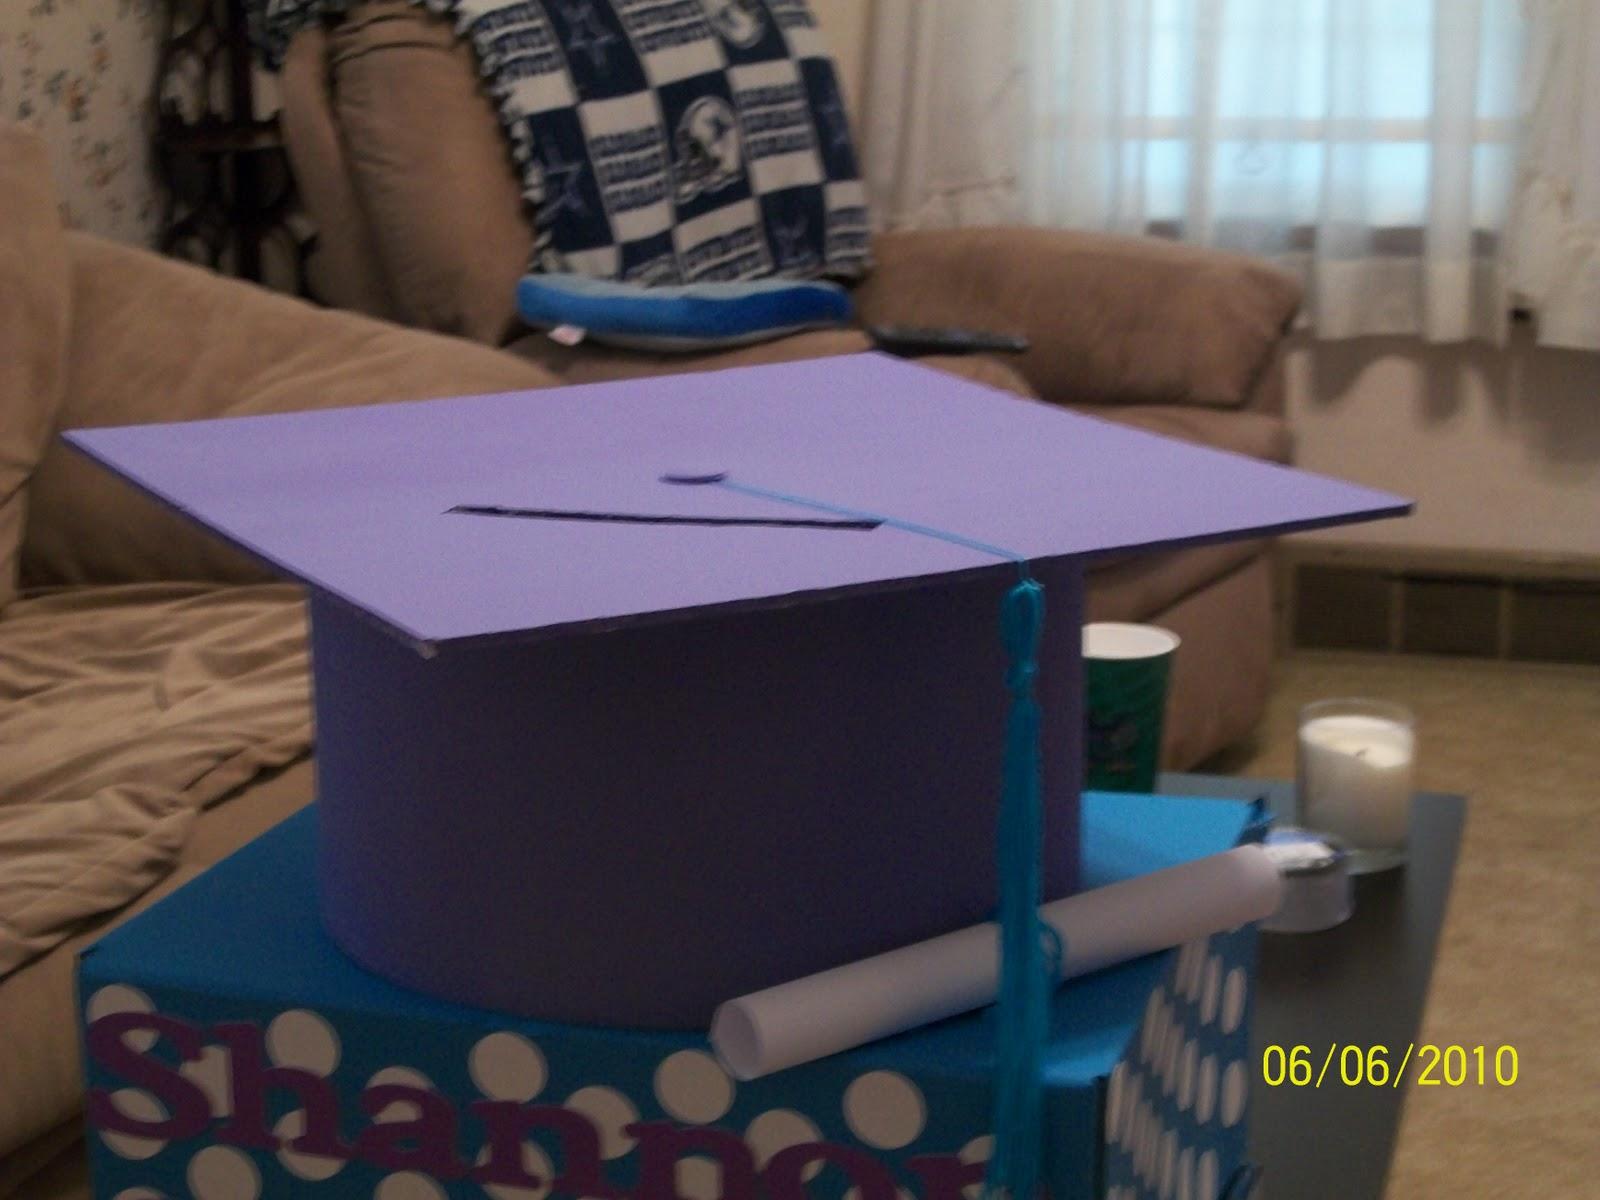 Graduation Cards to Make Make a Graduation Cardbox